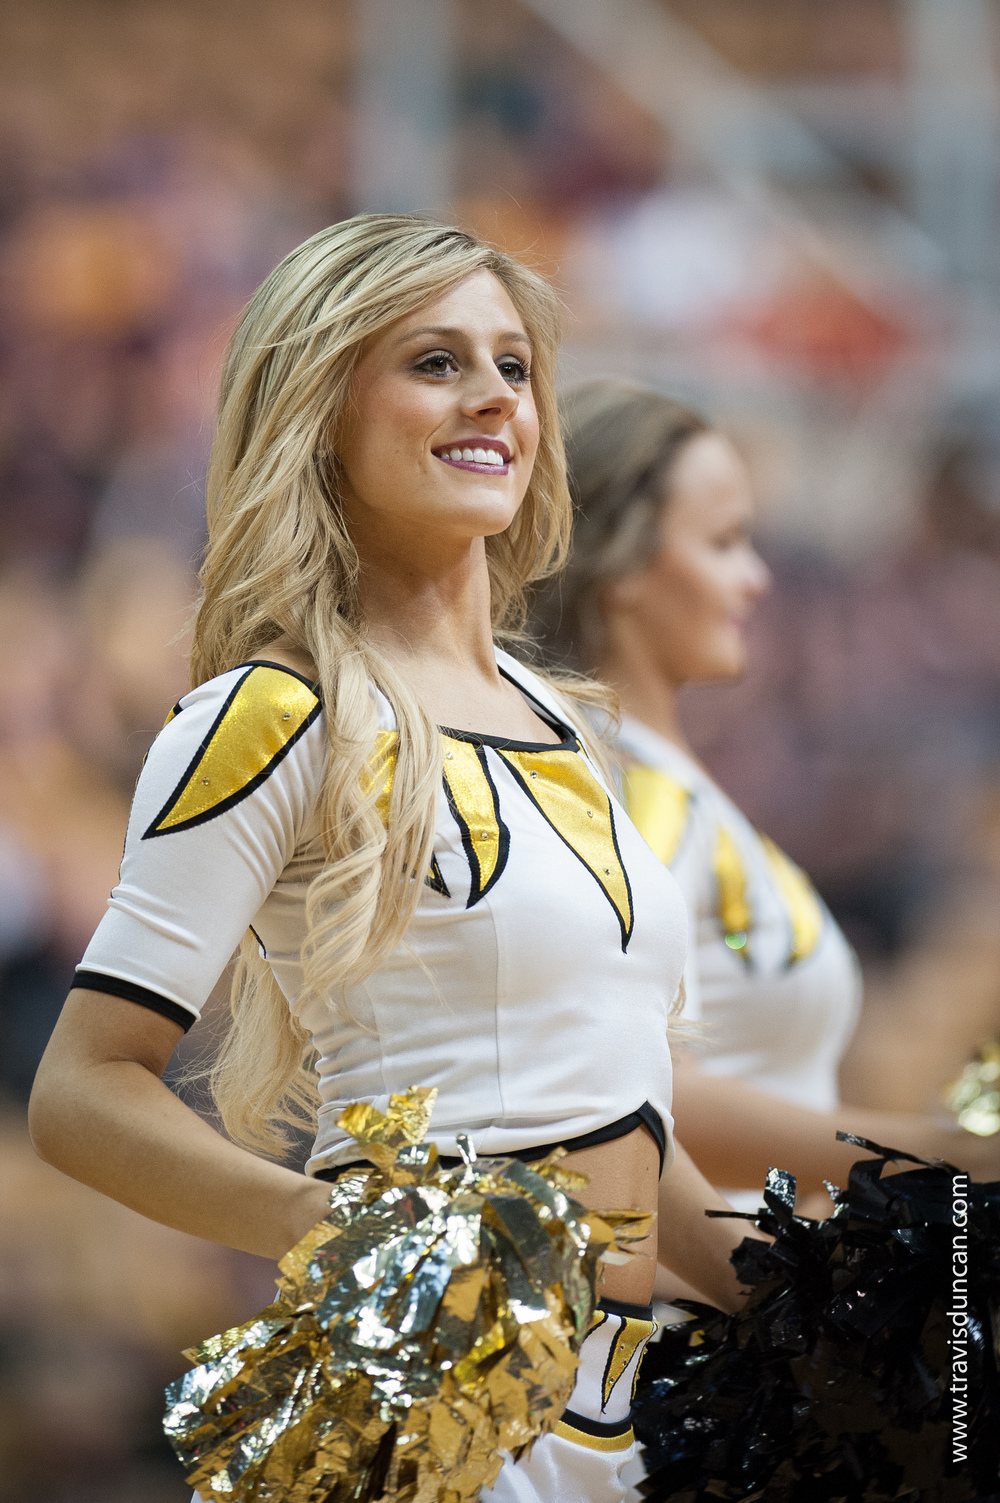 Golden_Girl_Mizzou_Cheerleader.jpg